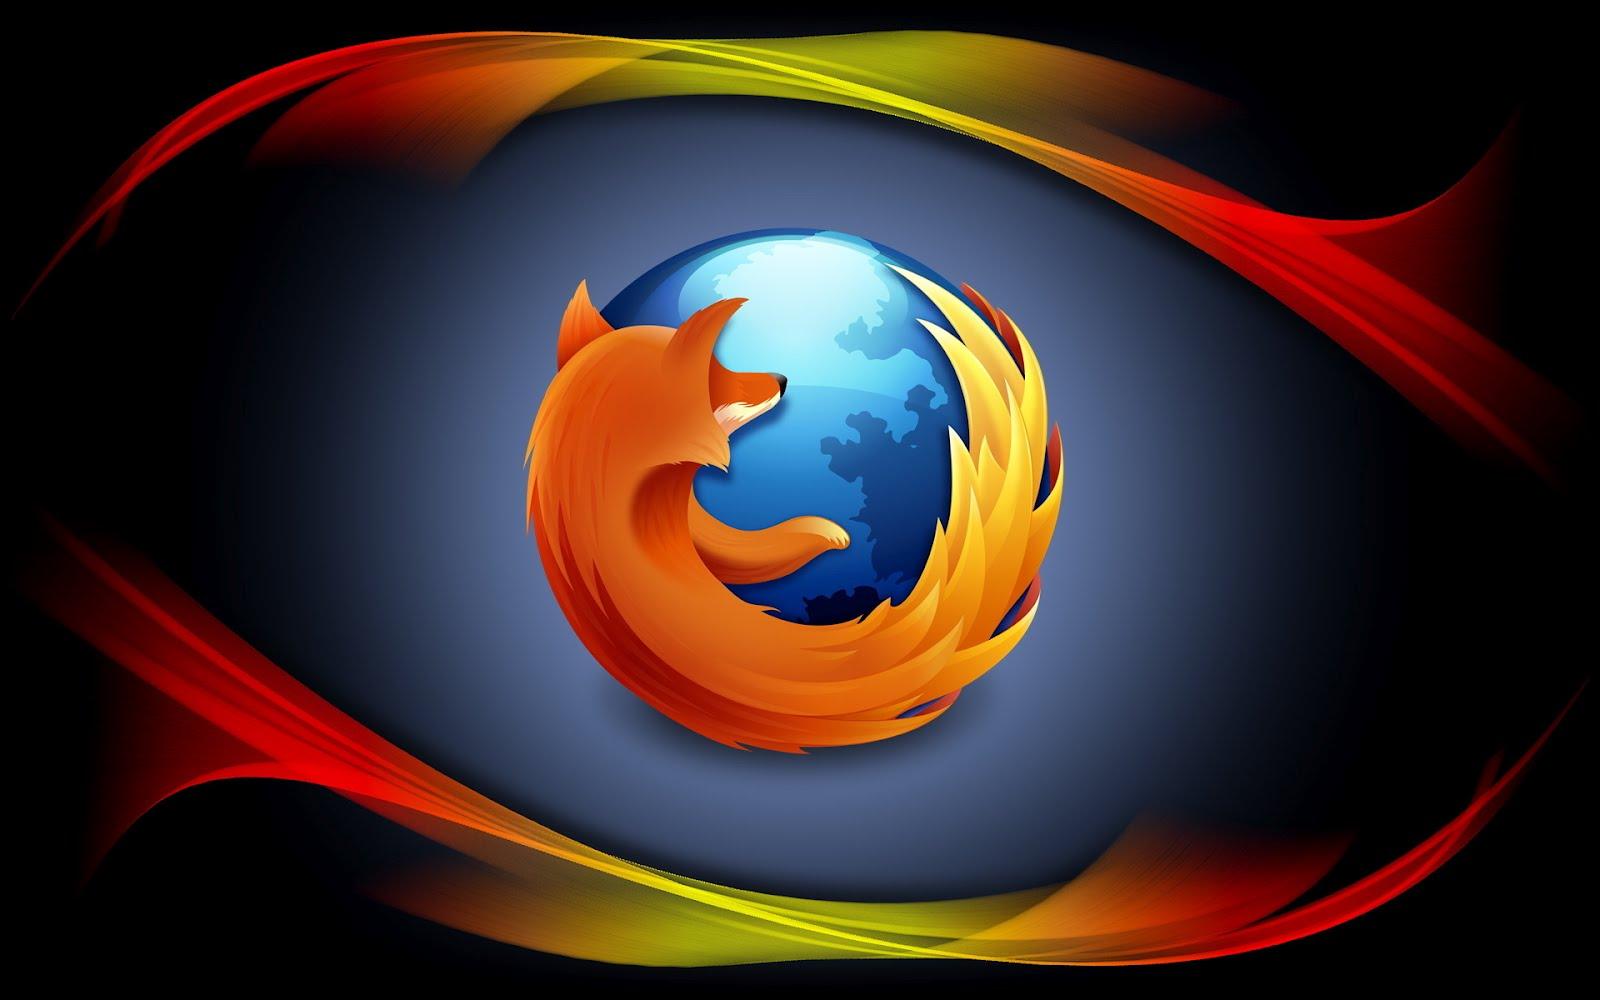 http://4.bp.blogspot.com/-FOGiiarNed0/T5Q1a5yKdQI/AAAAAAAAA2w/u_74k6F6YRE/s1600/Firefox-HQ-Hd-Wallpaper-.jpg